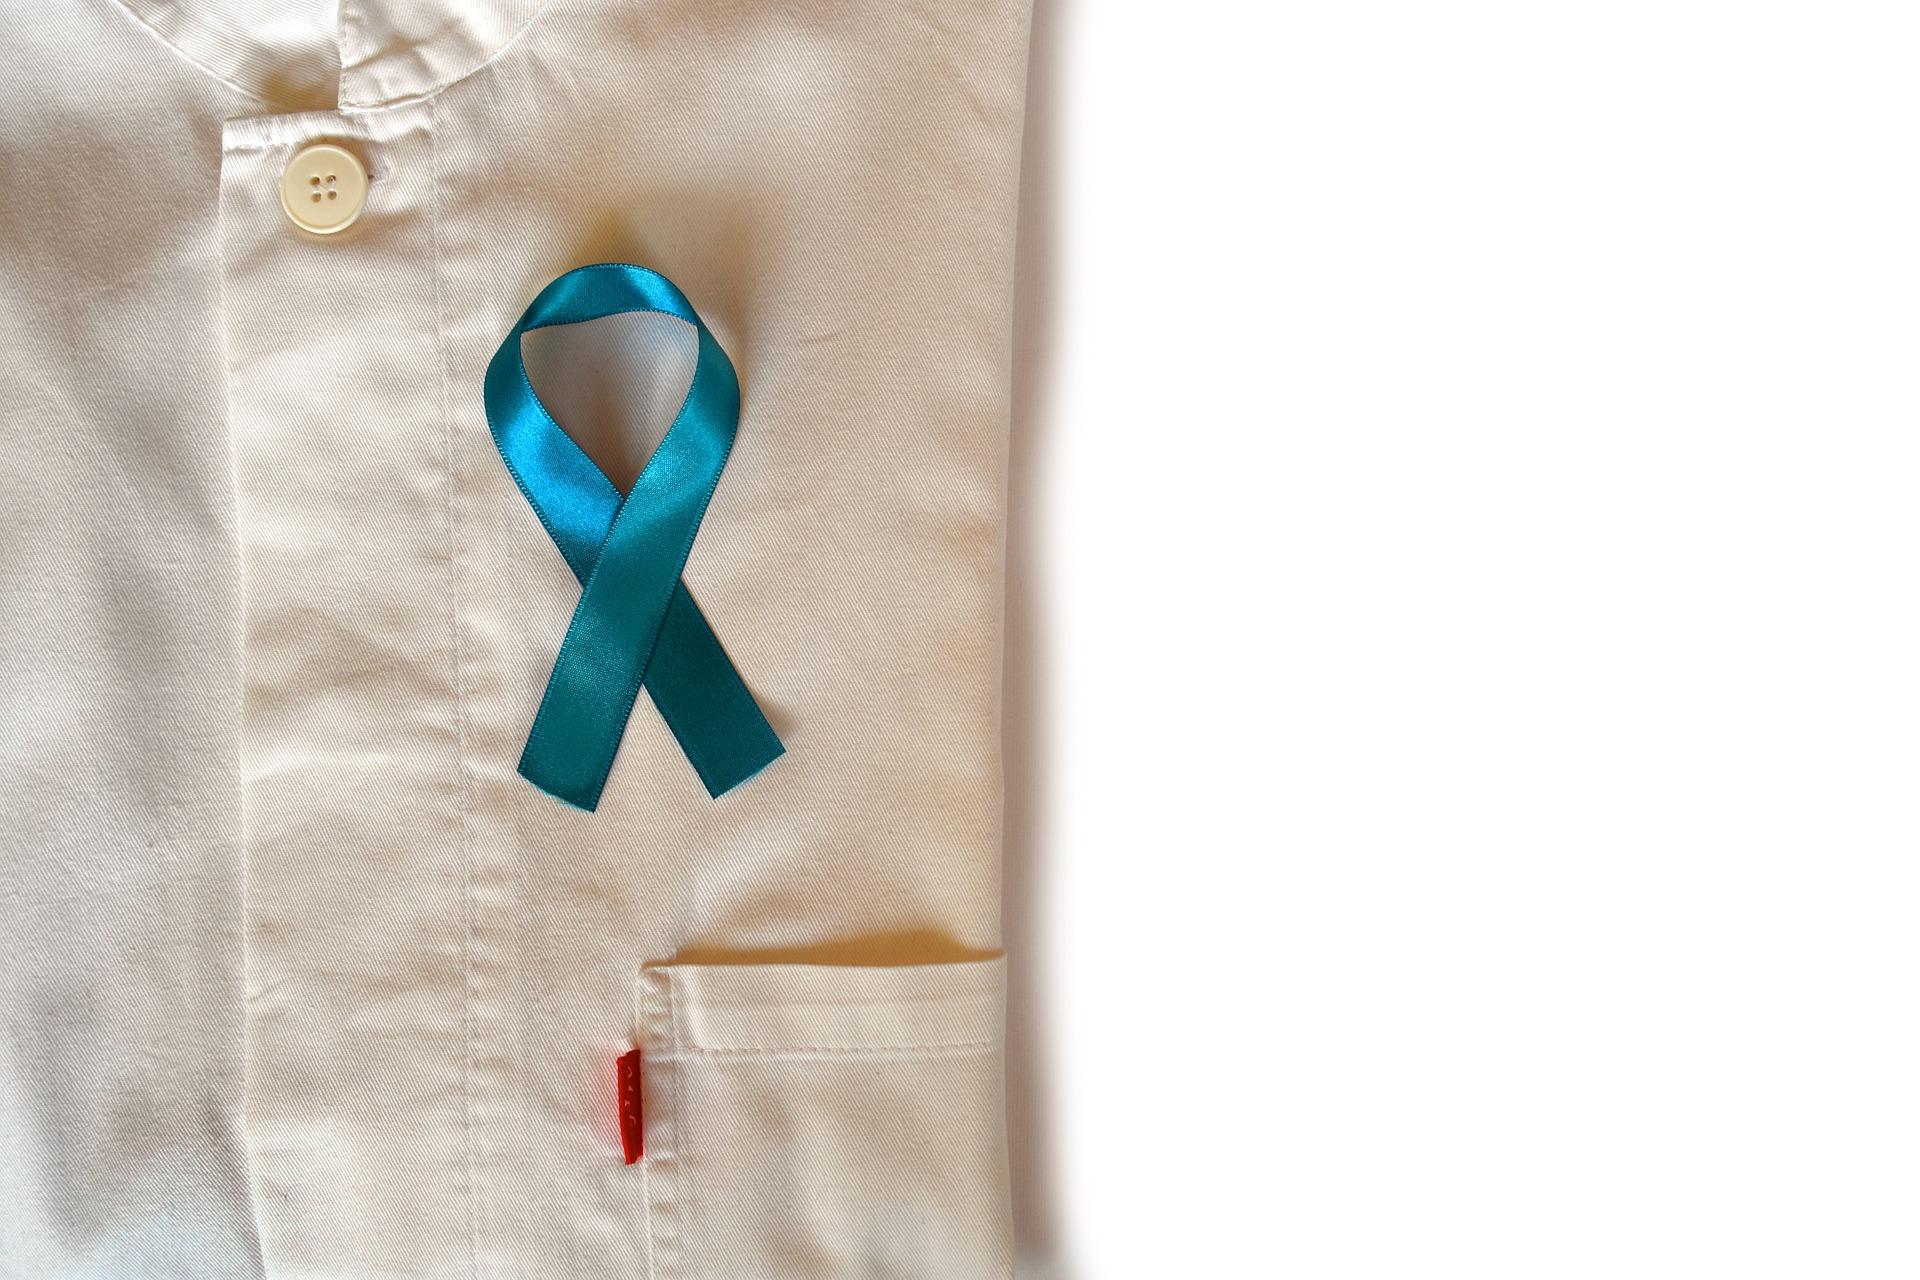 prostata kræft symptomer